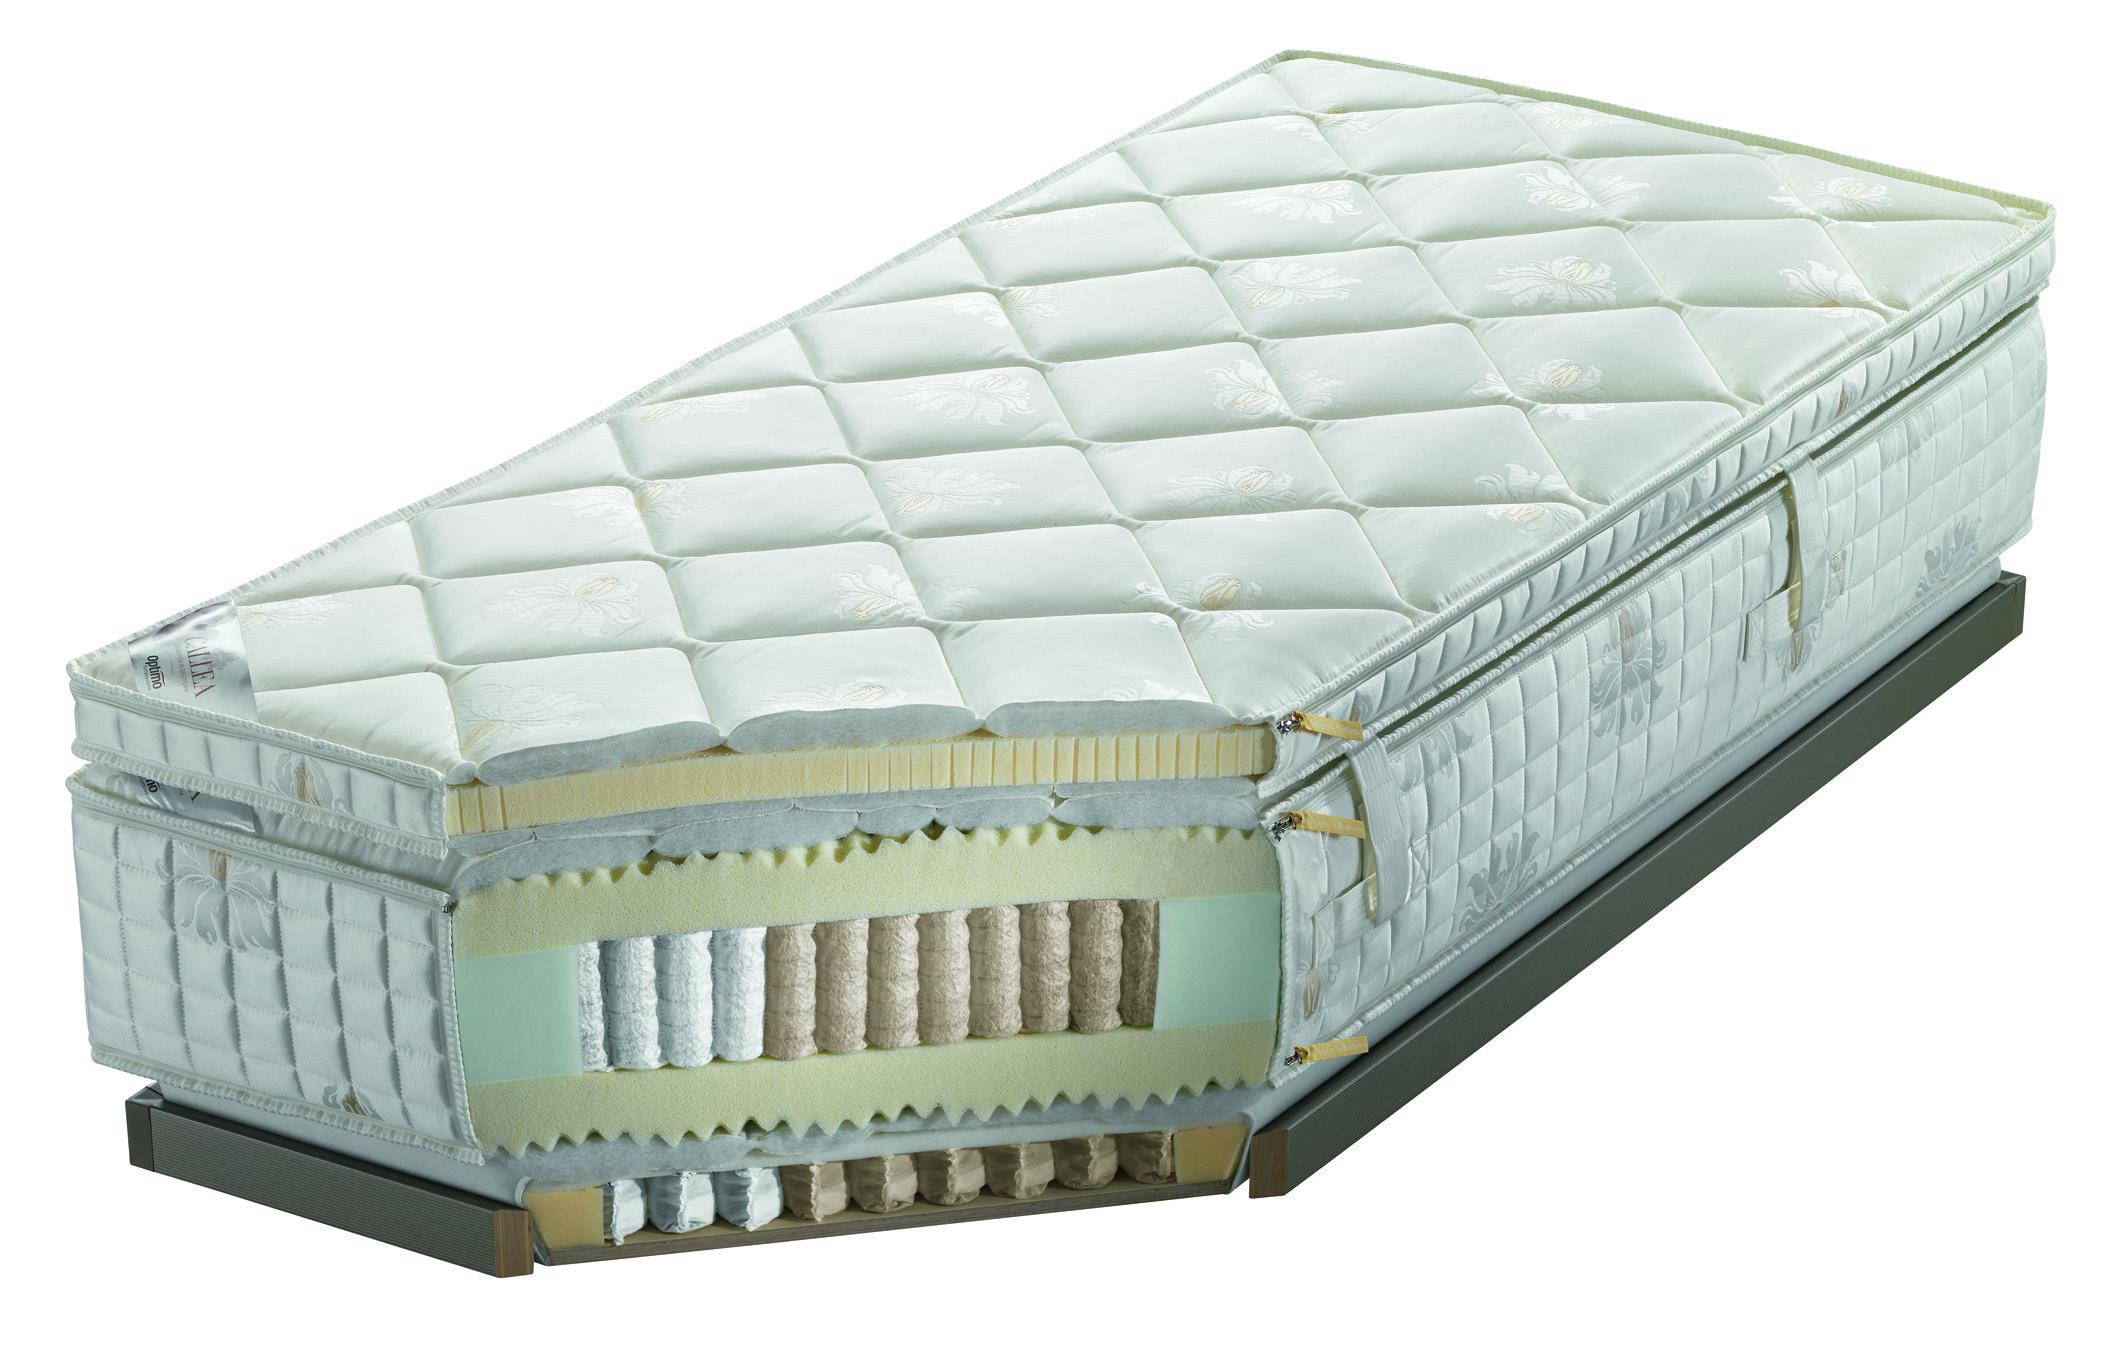 Optimo Callea Bettsystem aus Unterfederung, Matratze und Topper